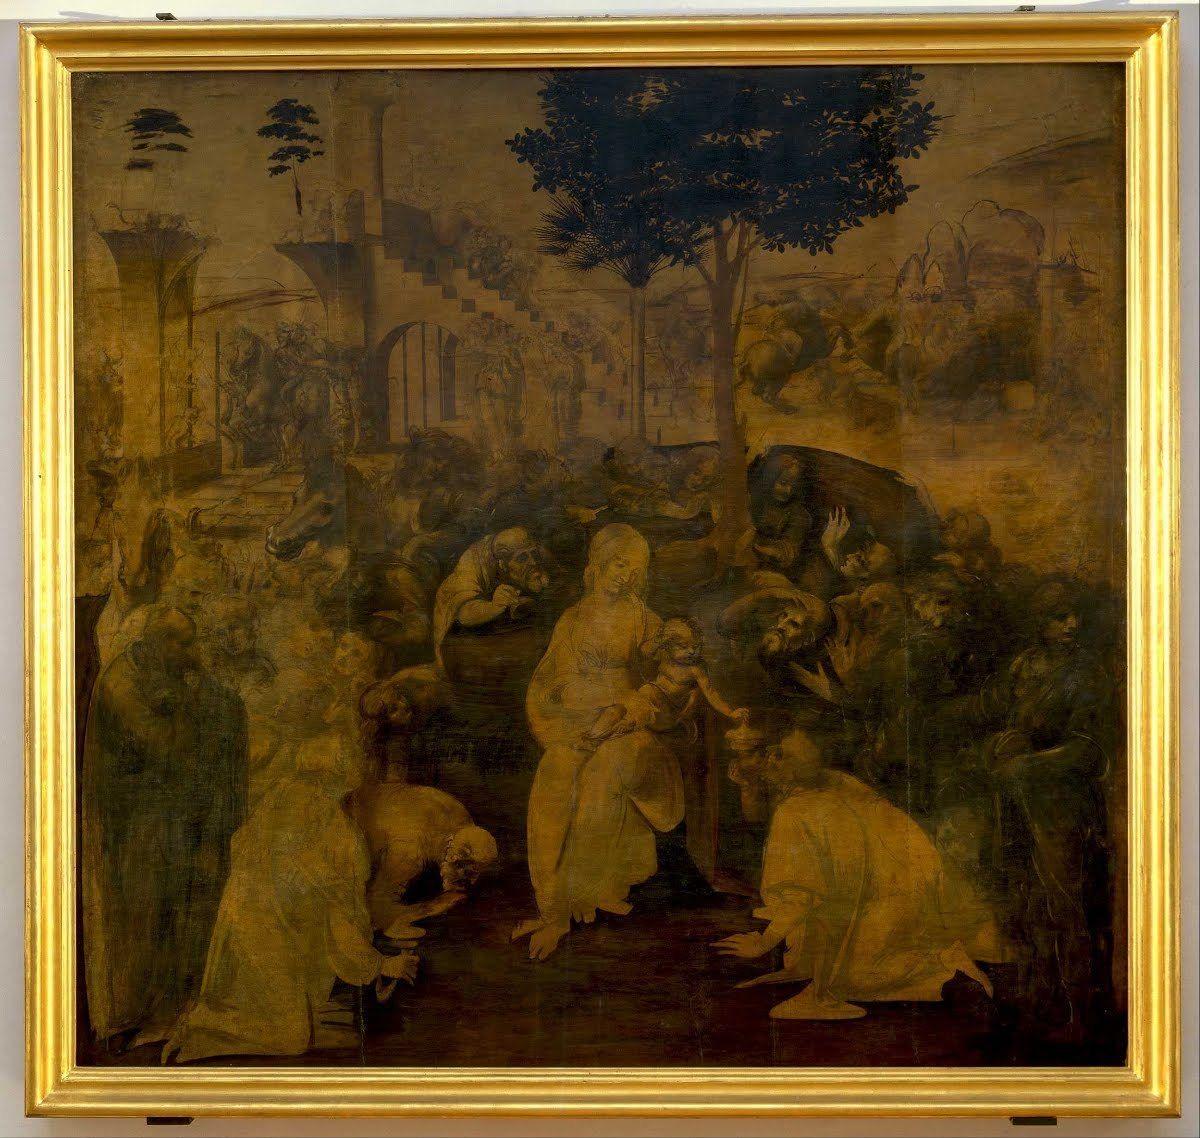 Renacentista Adoración De Los Reyes Magos Del Maestro Italiano Leonardo Da Vinci Galleria Degli Uffici Obras De Arte Famosas Artistas Famosos Obras De Arte